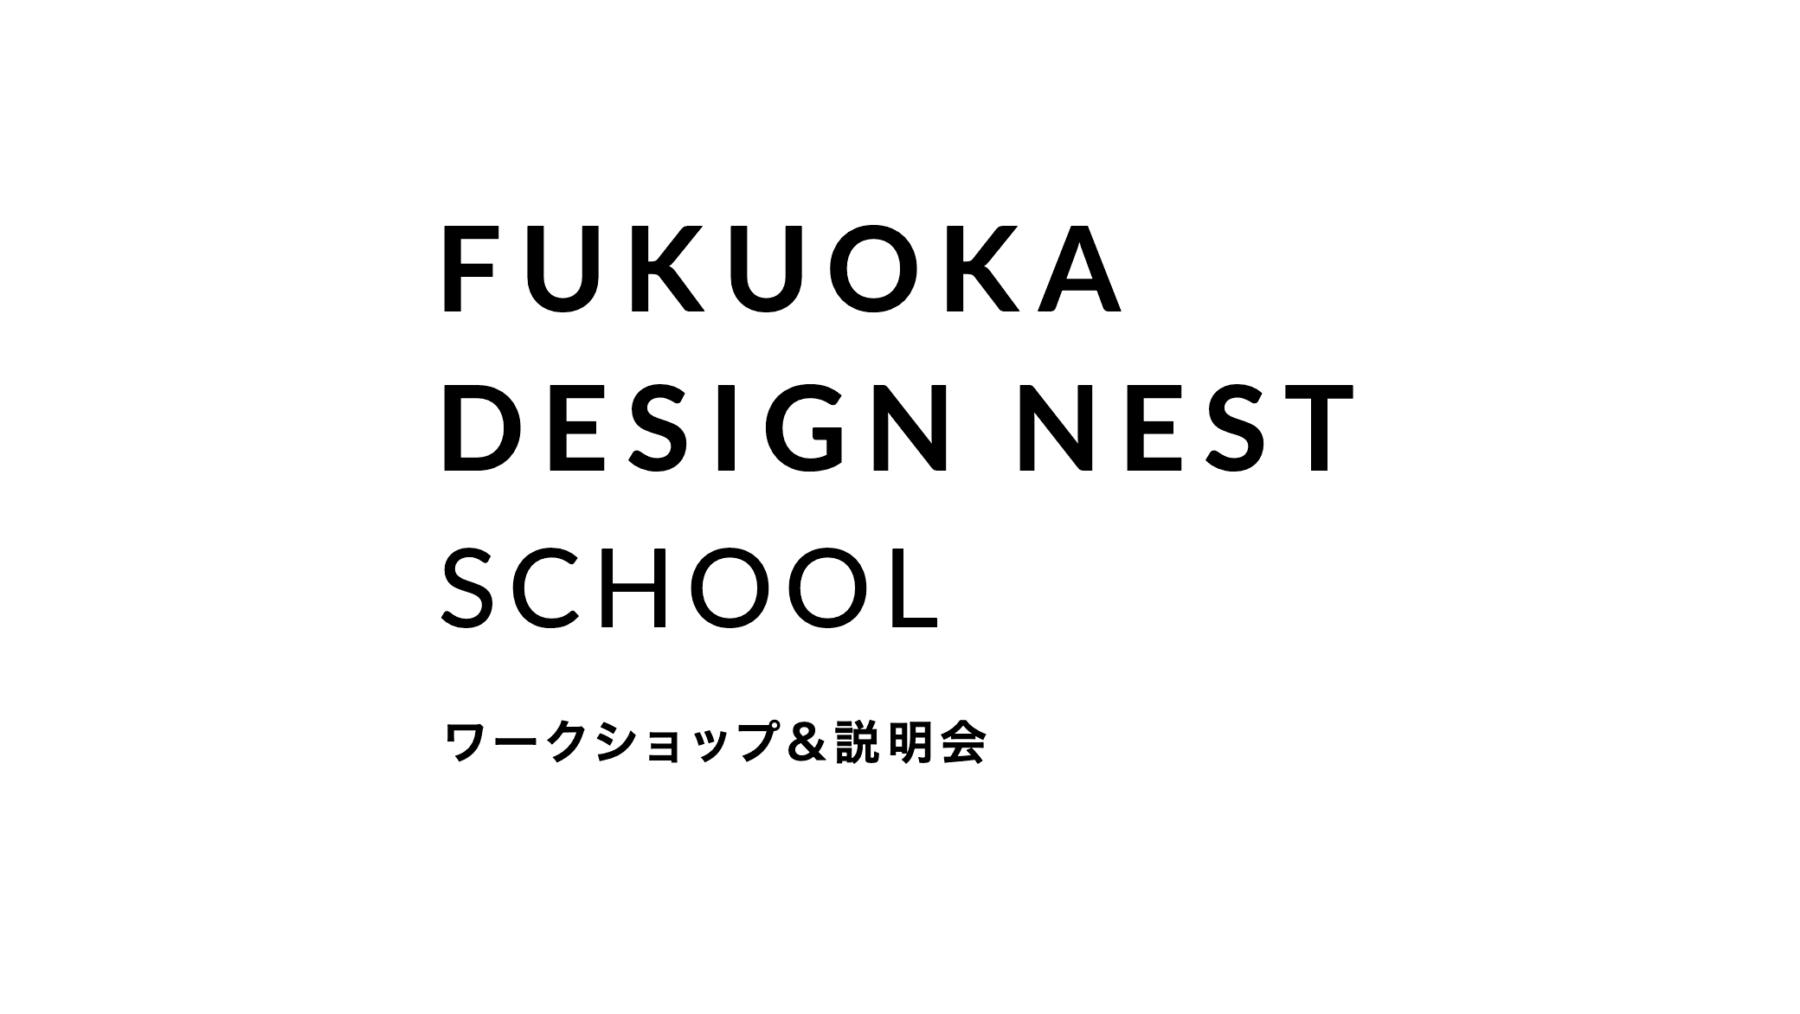 Fukuoka Design Nest School ワークショップ&説明会開催